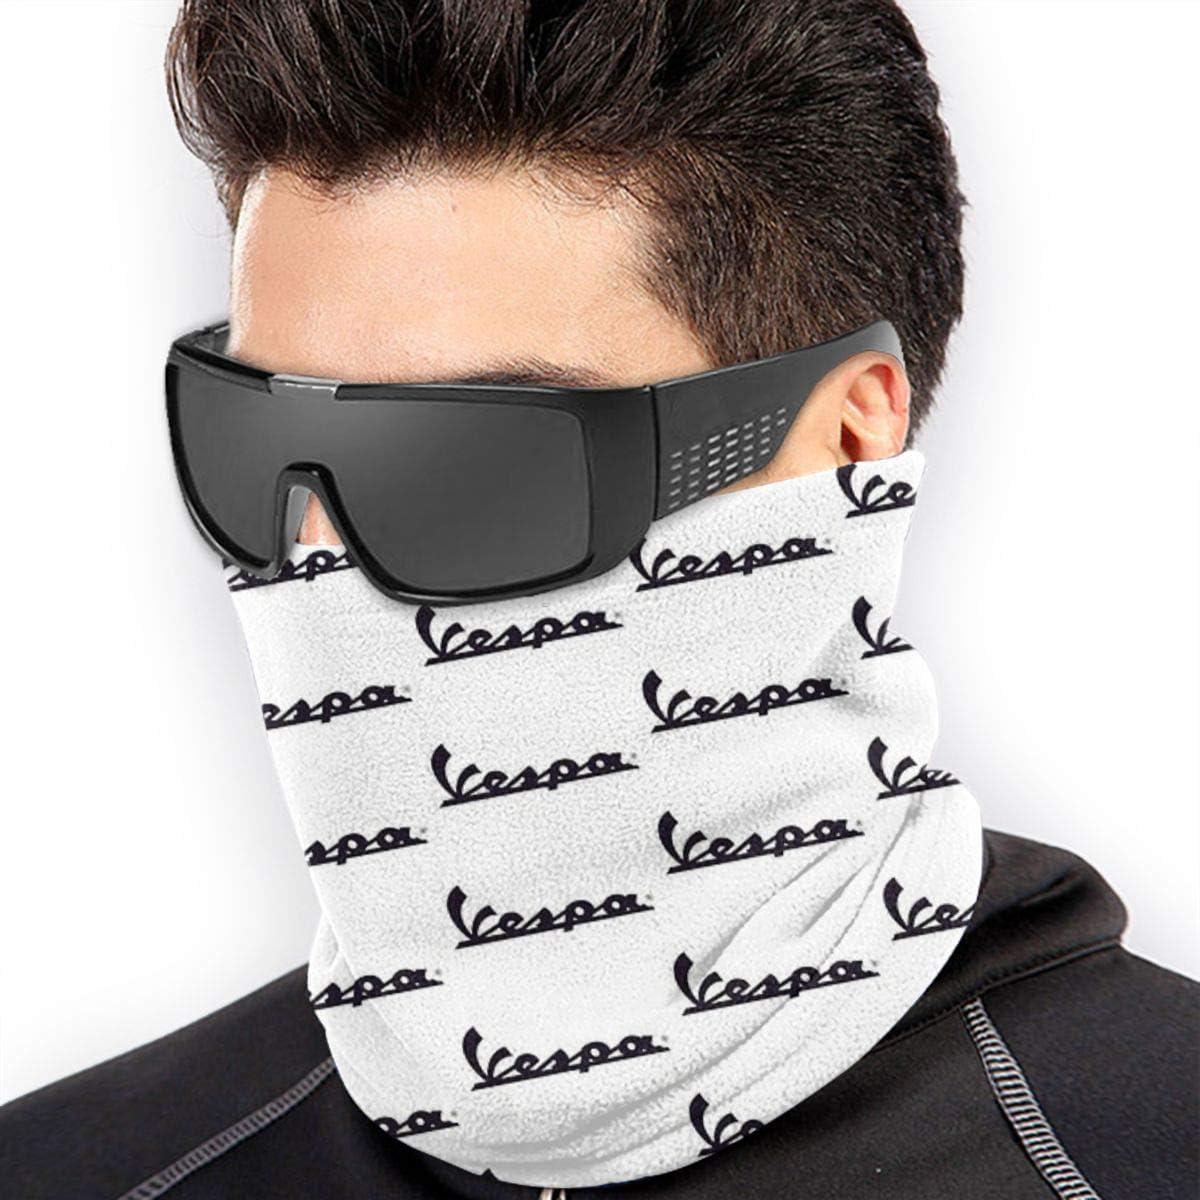 Hokzonb Vespa Logo Multifonction Tour de cou Cache-/écharpe de sport de plein air Bandeau Bandana Bavoir Bandeau de Cheveux Masque de Ski pour Hommes Femmes